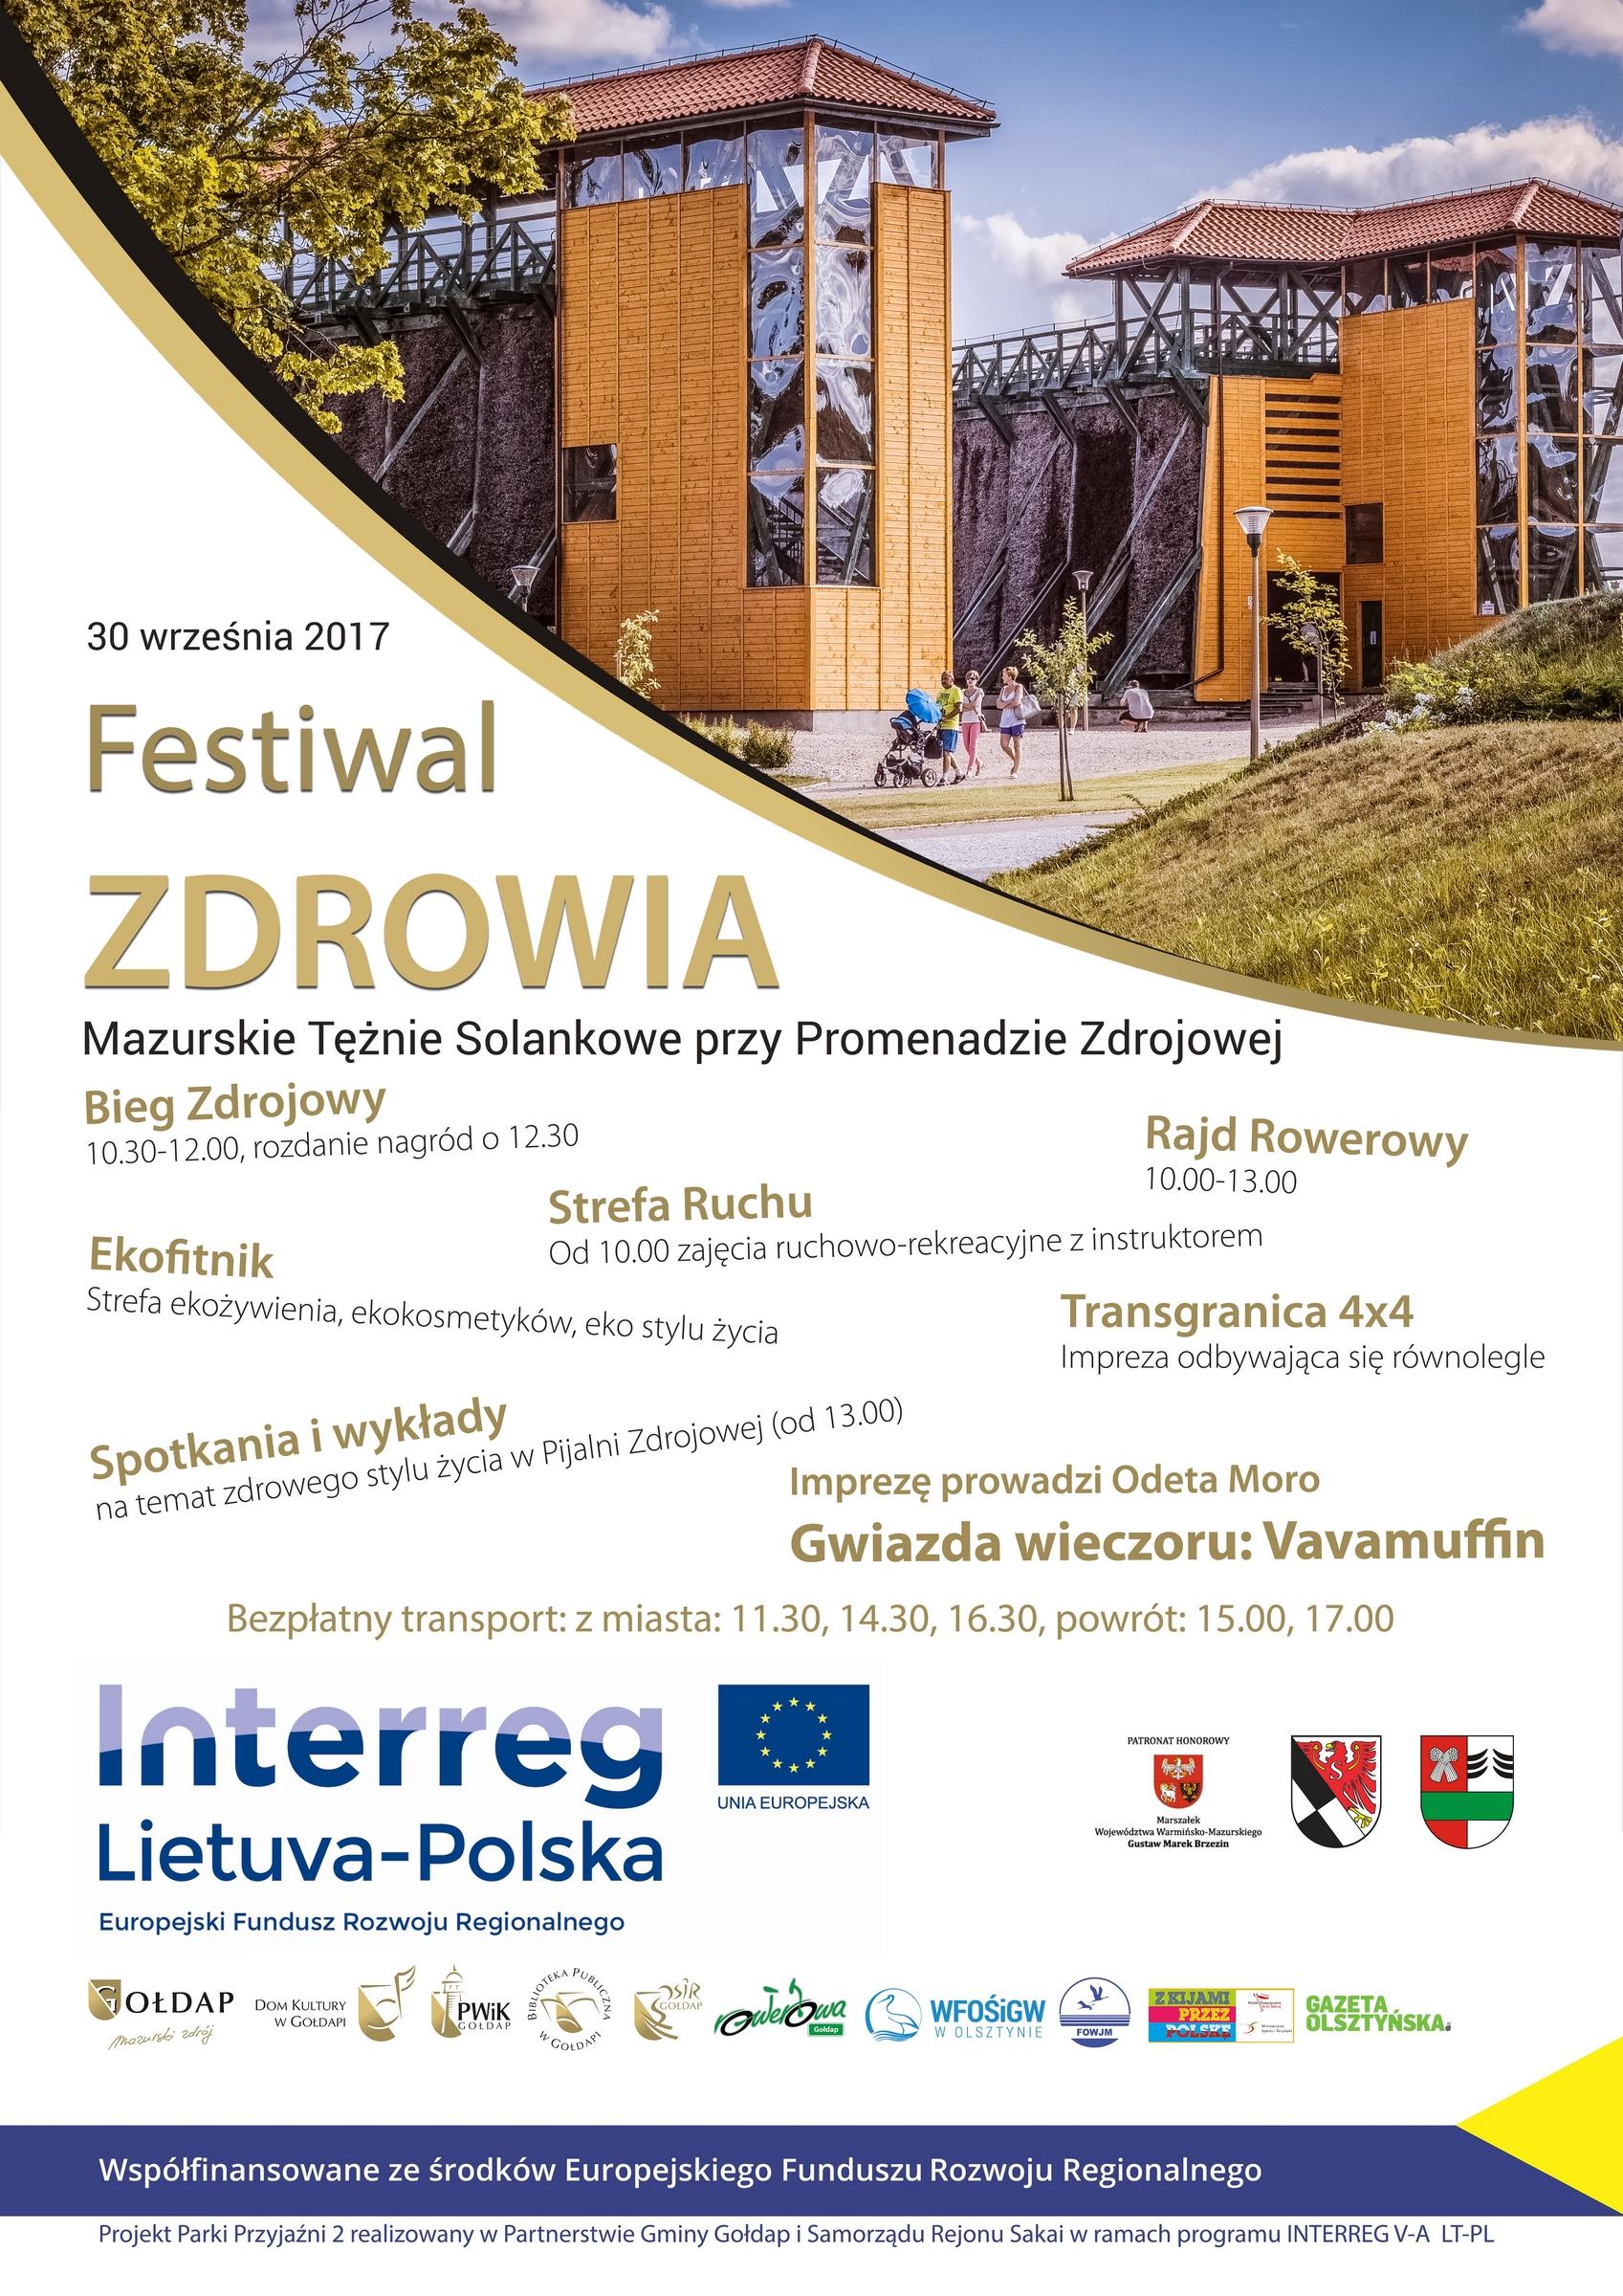 http://m.wm.pl/2017/09/orig/plakat-festiwal-zdrowia-kopia-417786.jpg